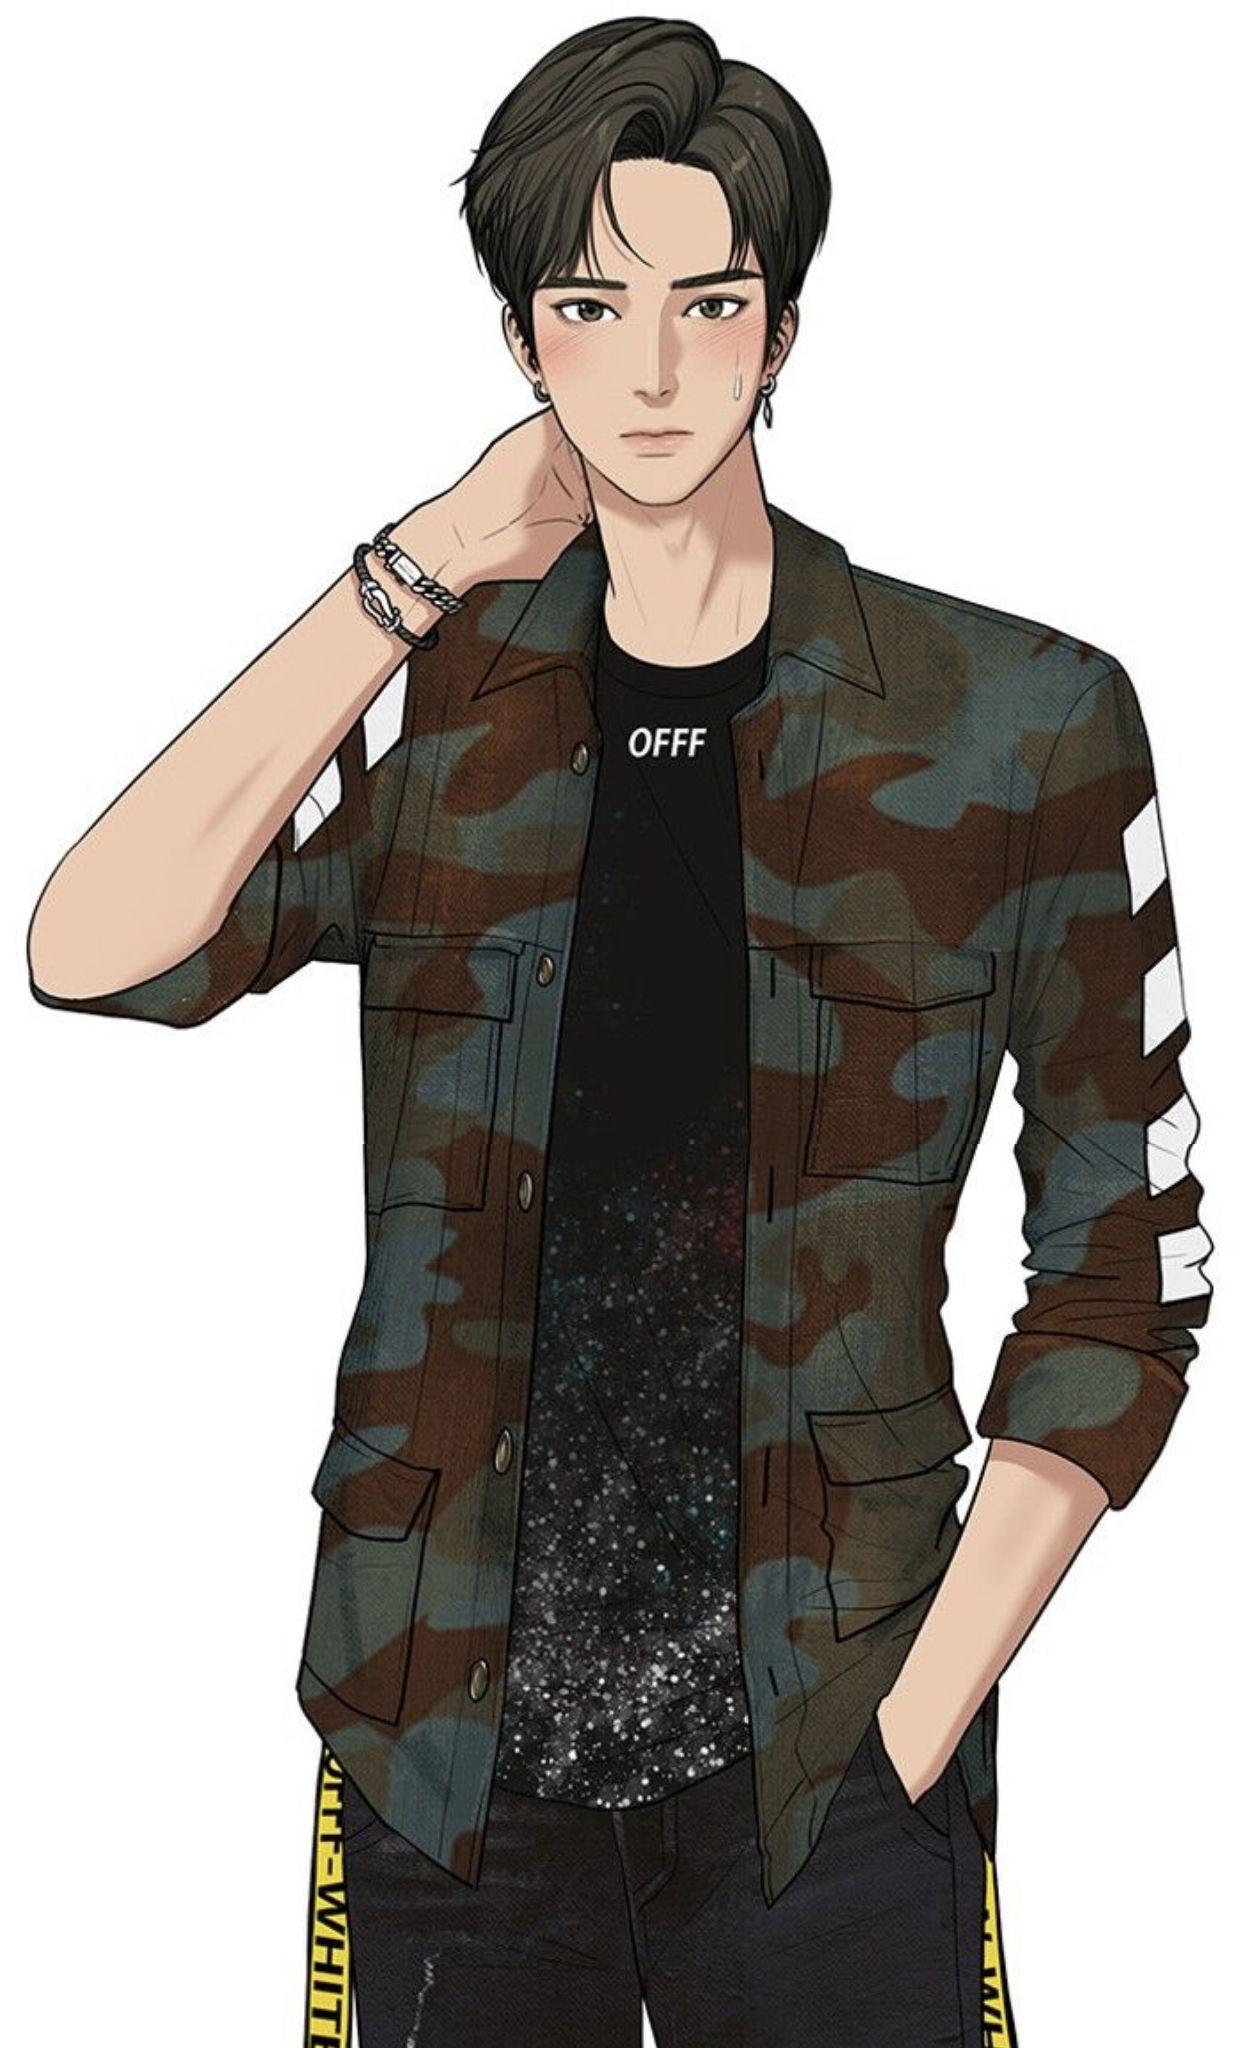 Pin oleh Animemangaluver di True Beauty Manga Orang